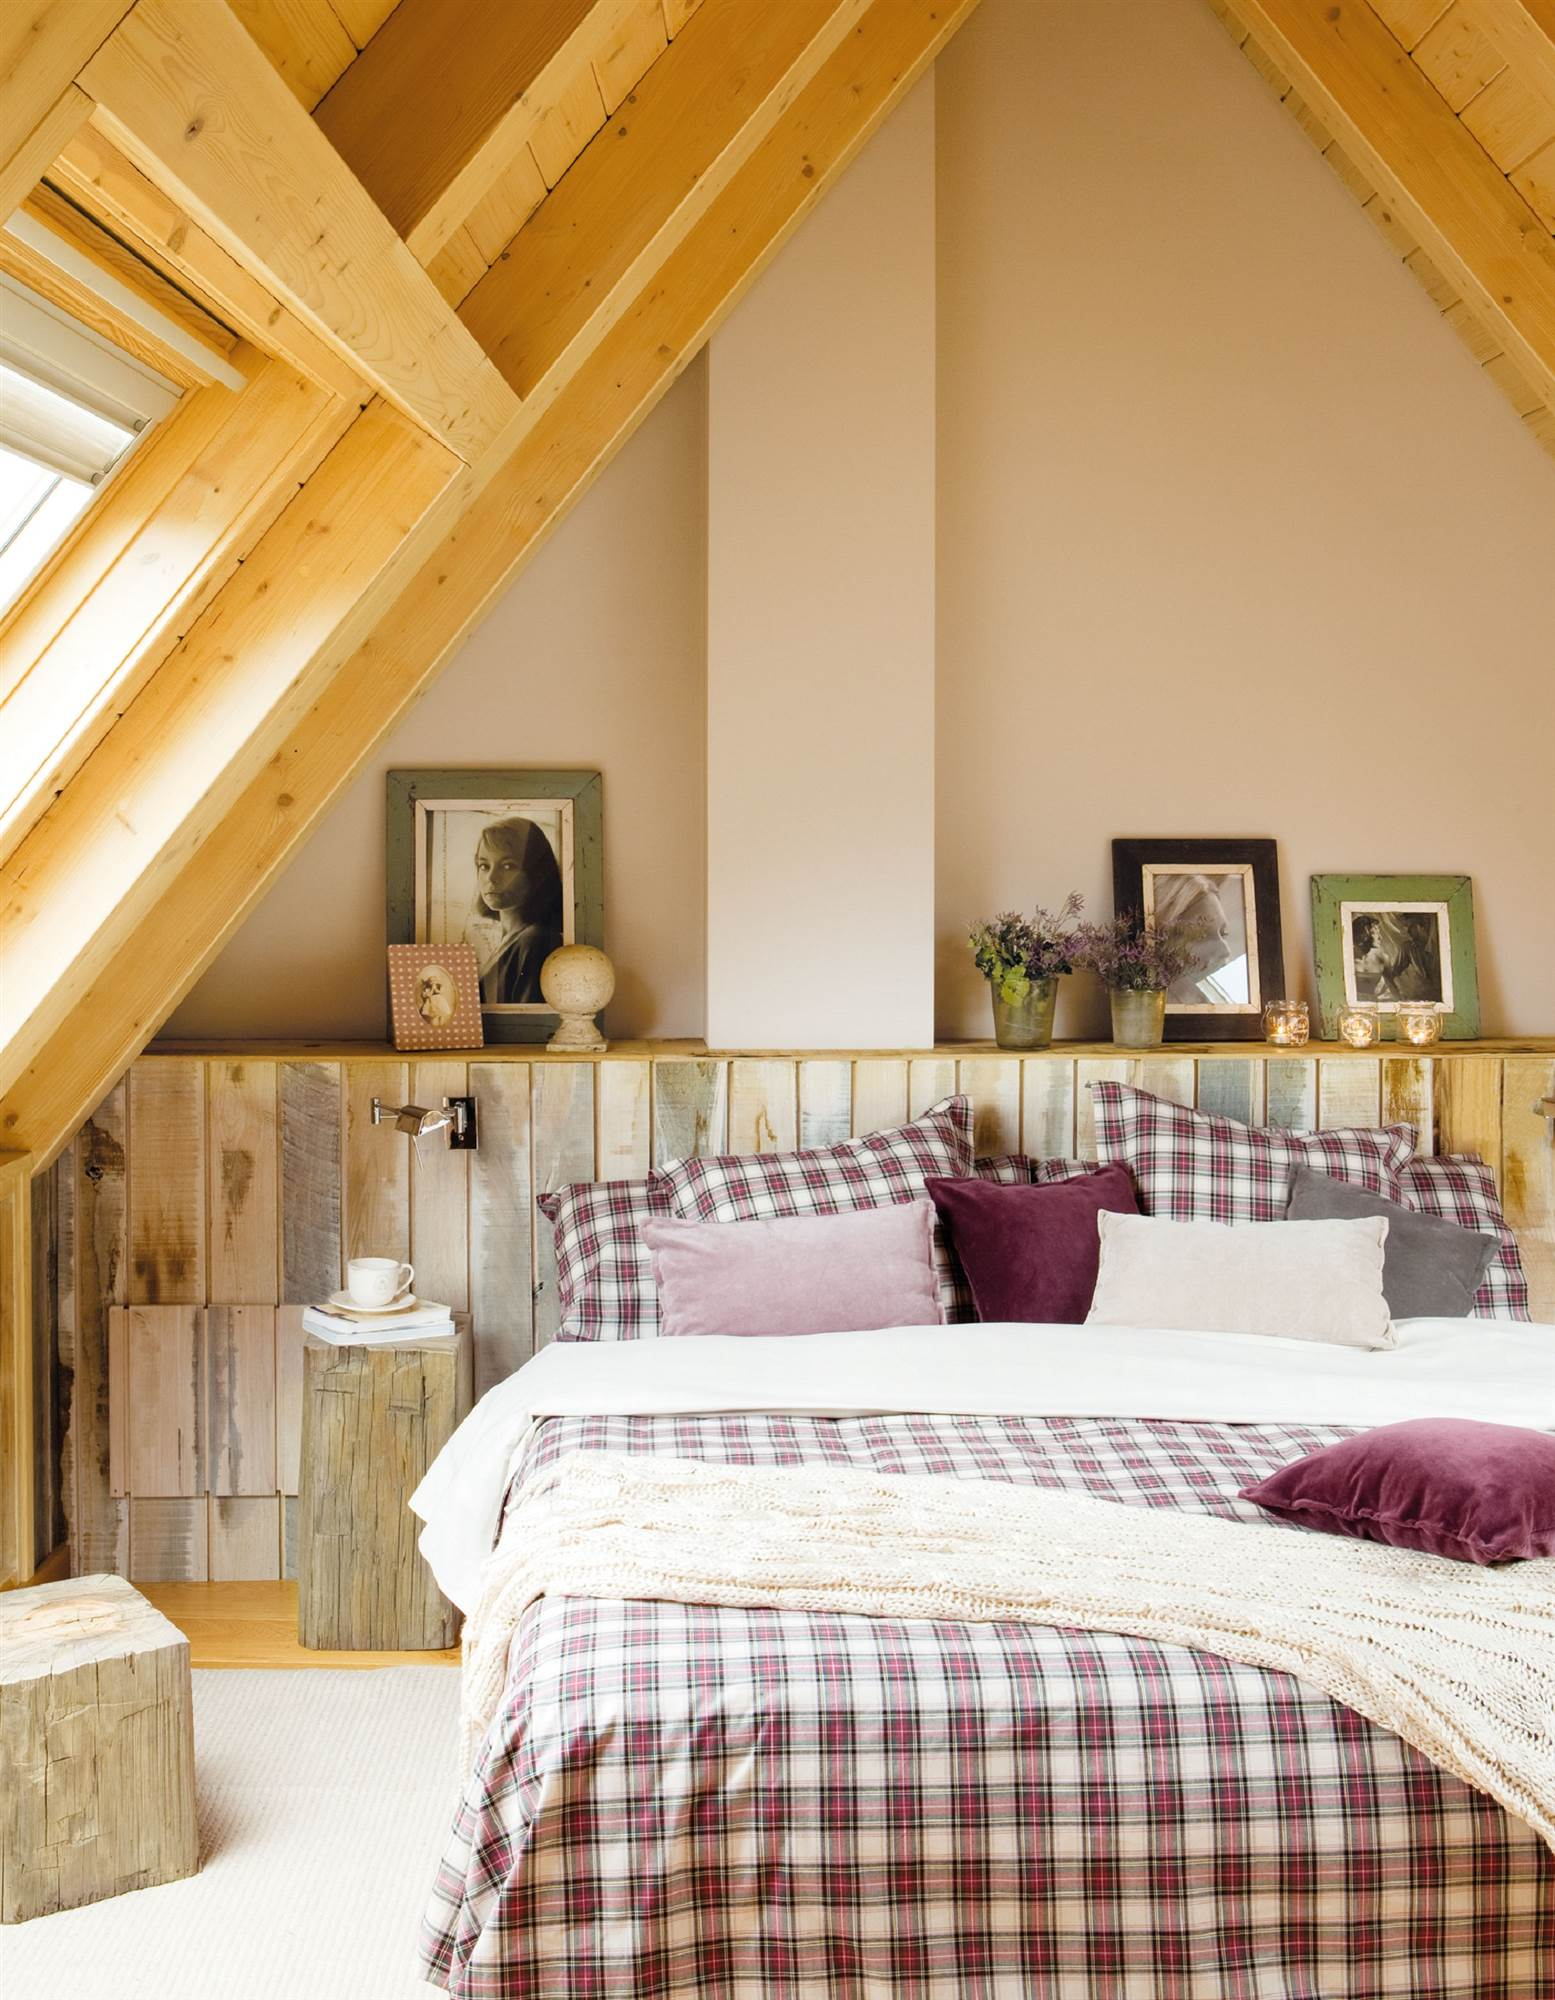 Pinturas para cabeceros de cama free cabeceros originales cama dormitorio moderno cuadros - Cuadros cabecero cama ...